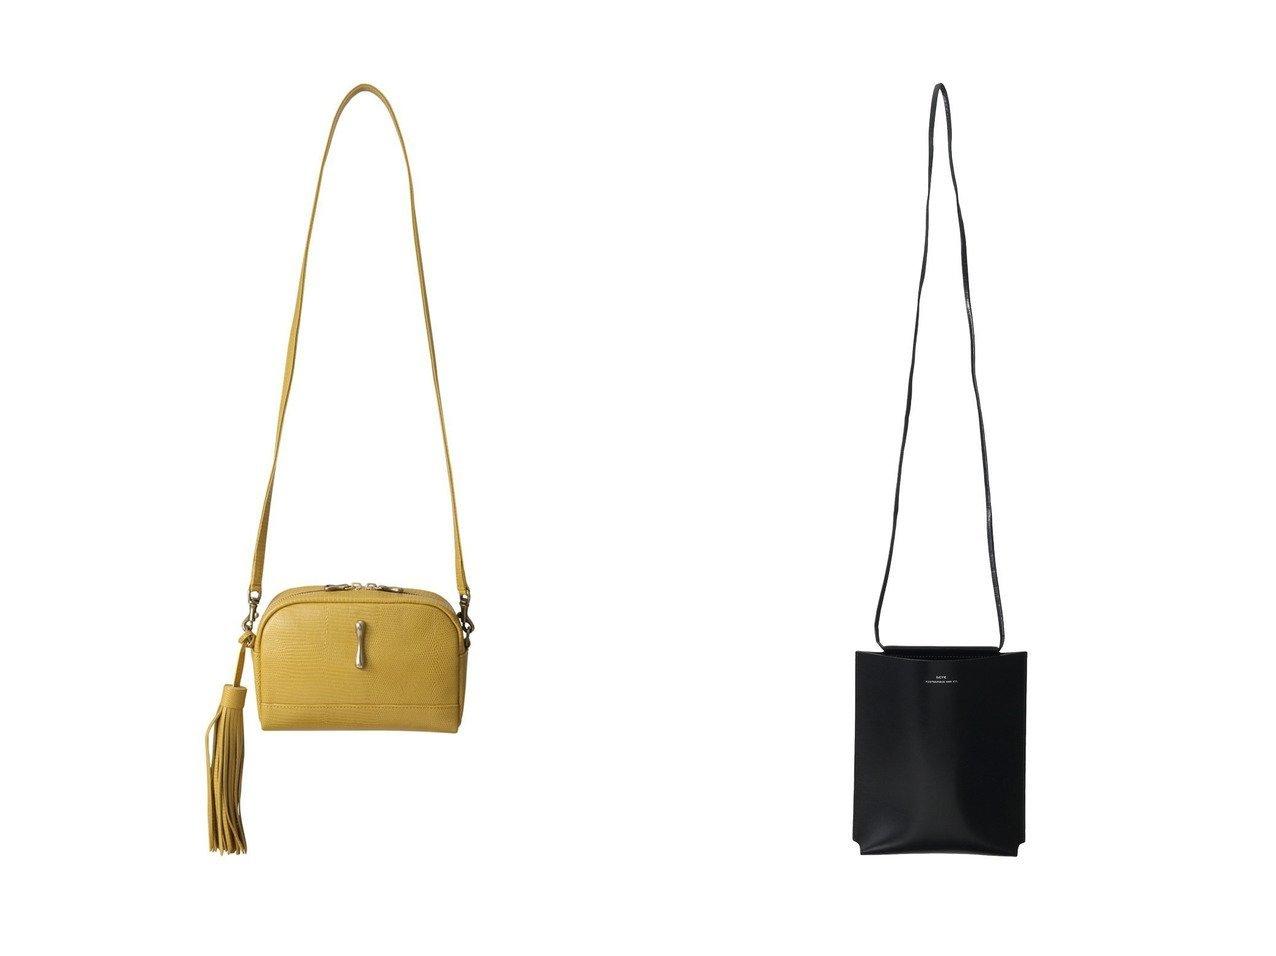 【allureville/アルアバイル】の【TOFF&LOADSTONE】レヴューリザード&【Scye SCYE BASICS/サイ サイベーシックス】の【UNISEX】ボックスカーフポシェットM 【バッグ・鞄】おすすめ!人気、トレンド・レディースファッションの通販 おすすめで人気の流行・トレンド、ファッションの通販商品 インテリア・家具・メンズファッション・キッズファッション・レディースファッション・服の通販 founy(ファニー) https://founy.com/ ファッション Fashion レディースファッション WOMEN 2020年 2020 2020-2021秋冬・A/W AW・Autumn/Winter・FW・Fall-Winter/2020-2021 2021年 2021 2021-2022秋冬・A/W AW・Autumn/Winter・FW・Fall-Winter・2021-2022 A/W・秋冬 AW・Autumn/Winter・FW・Fall-Winter フロント UNISEX コンパクト スマート ポケット ポシェット |ID:crp329100000061833